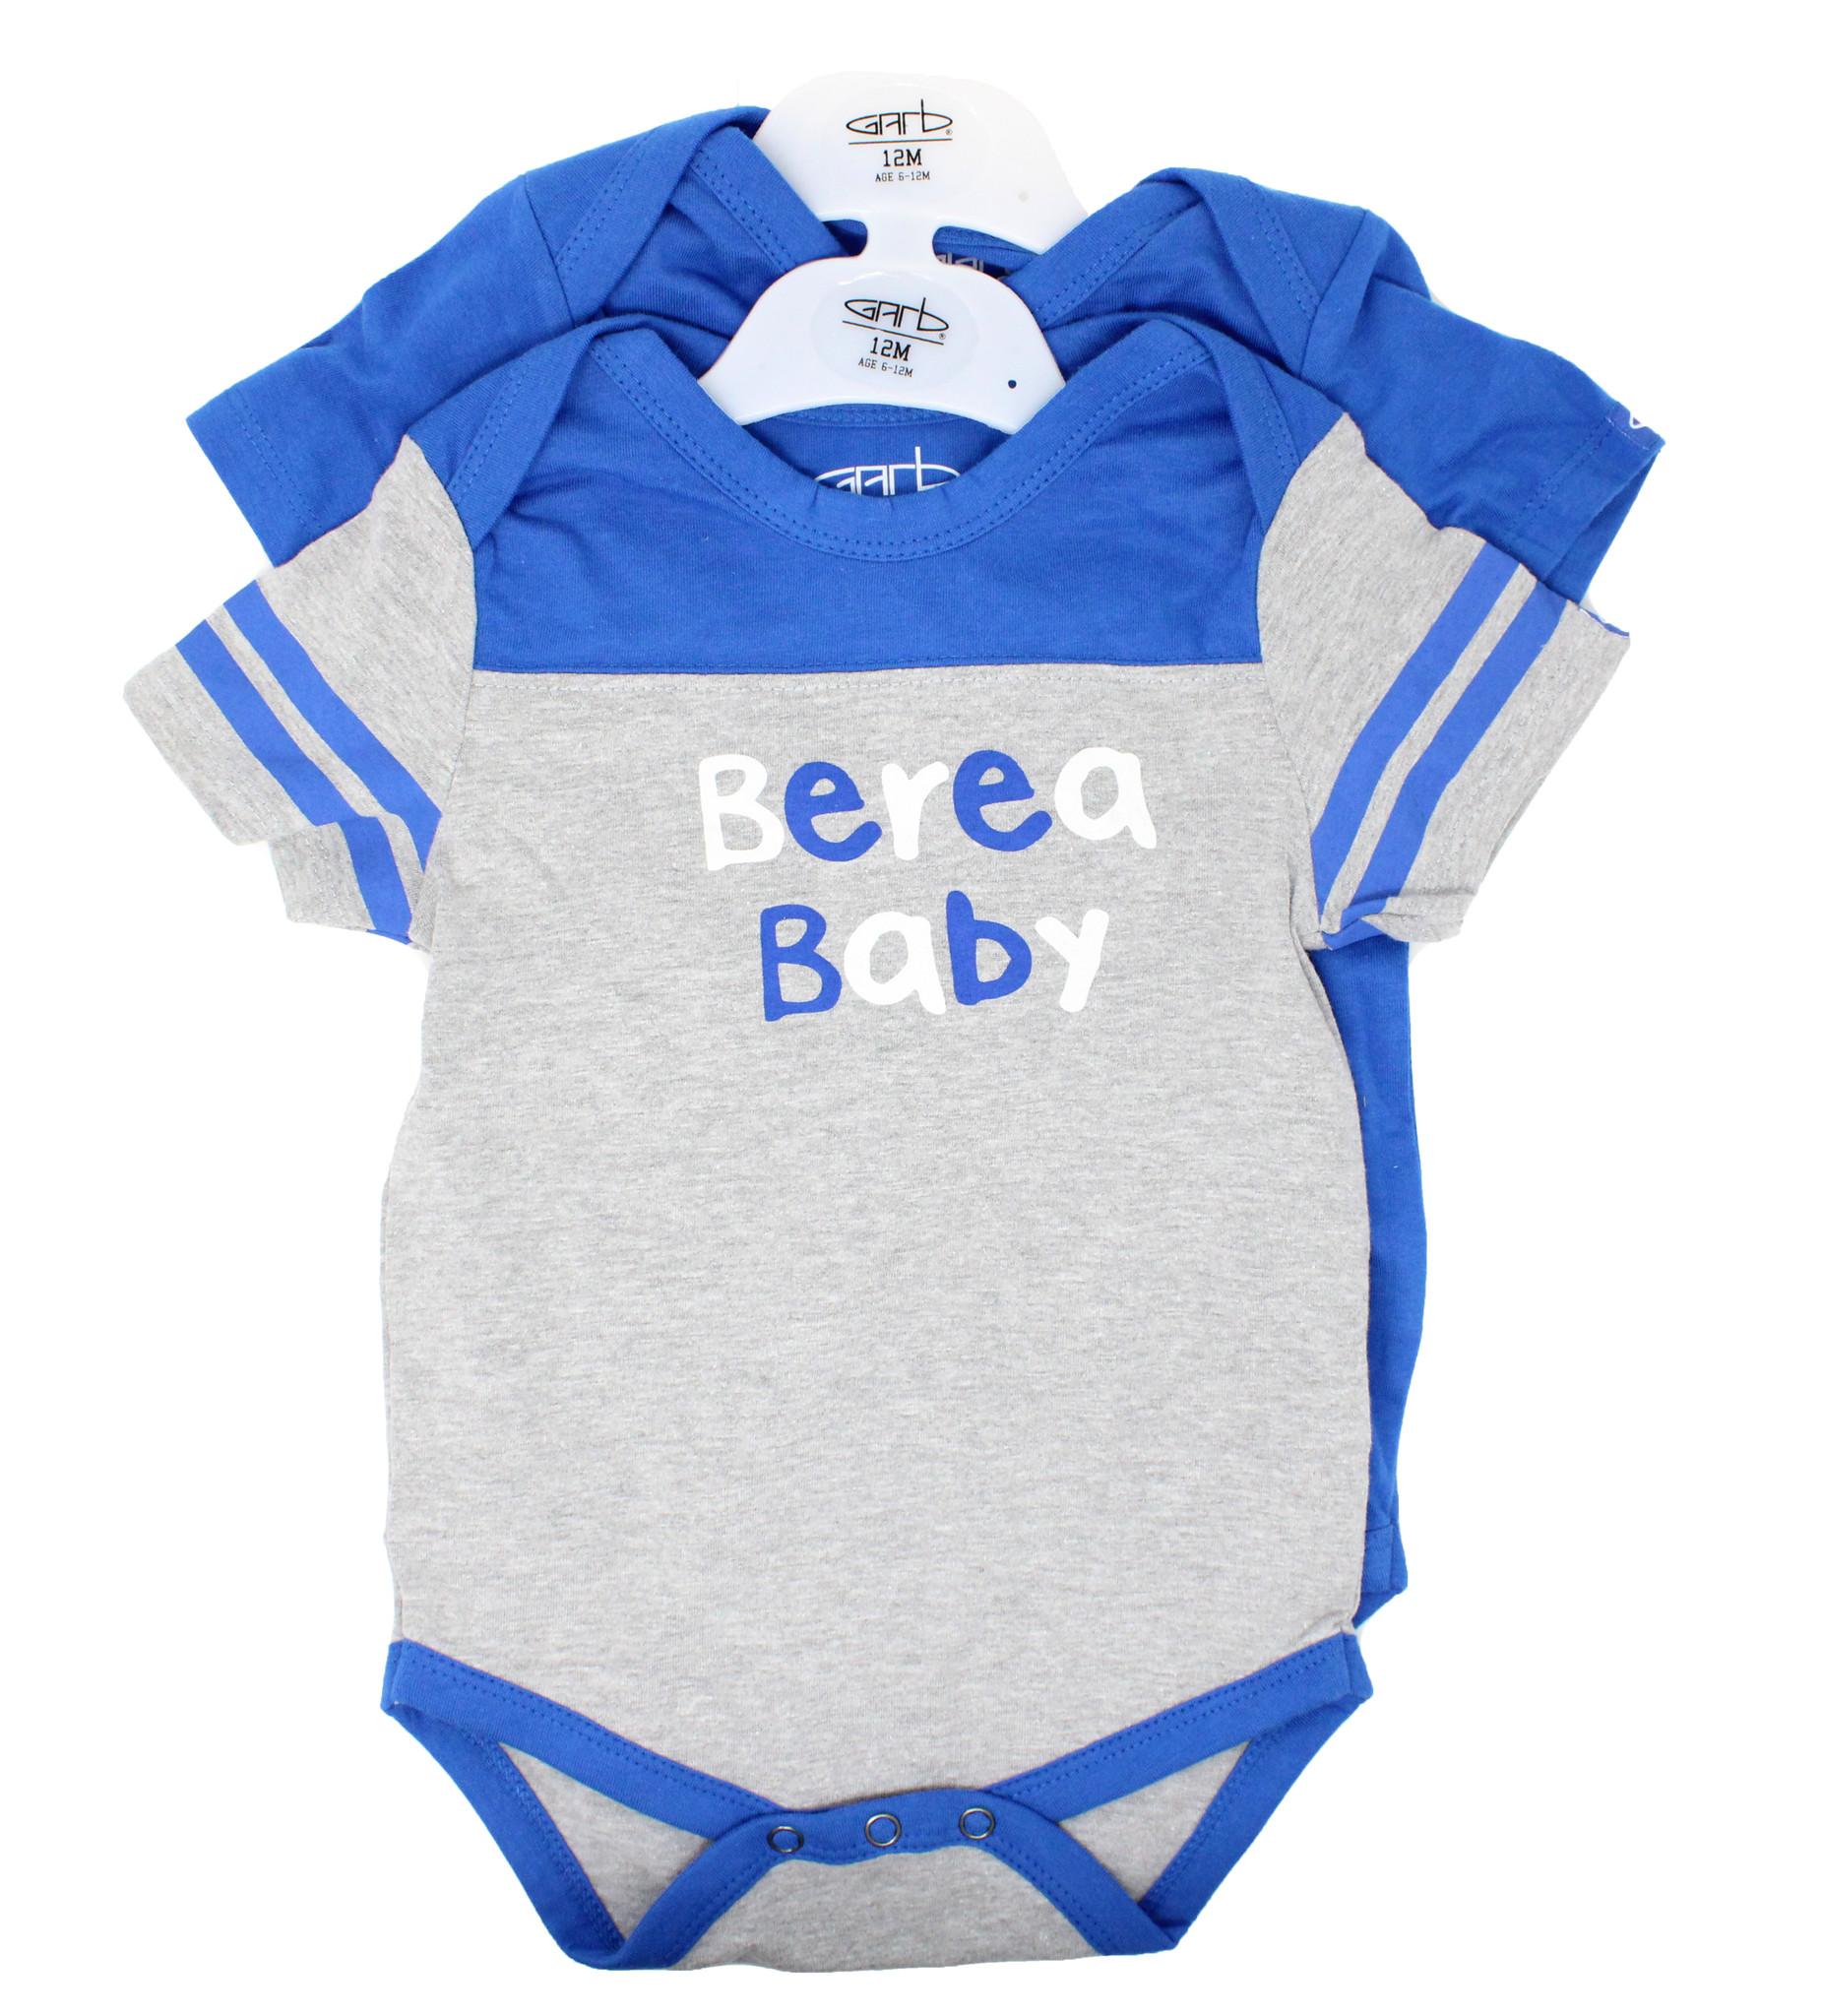 Berea Baby 2-Pack Onesie-1